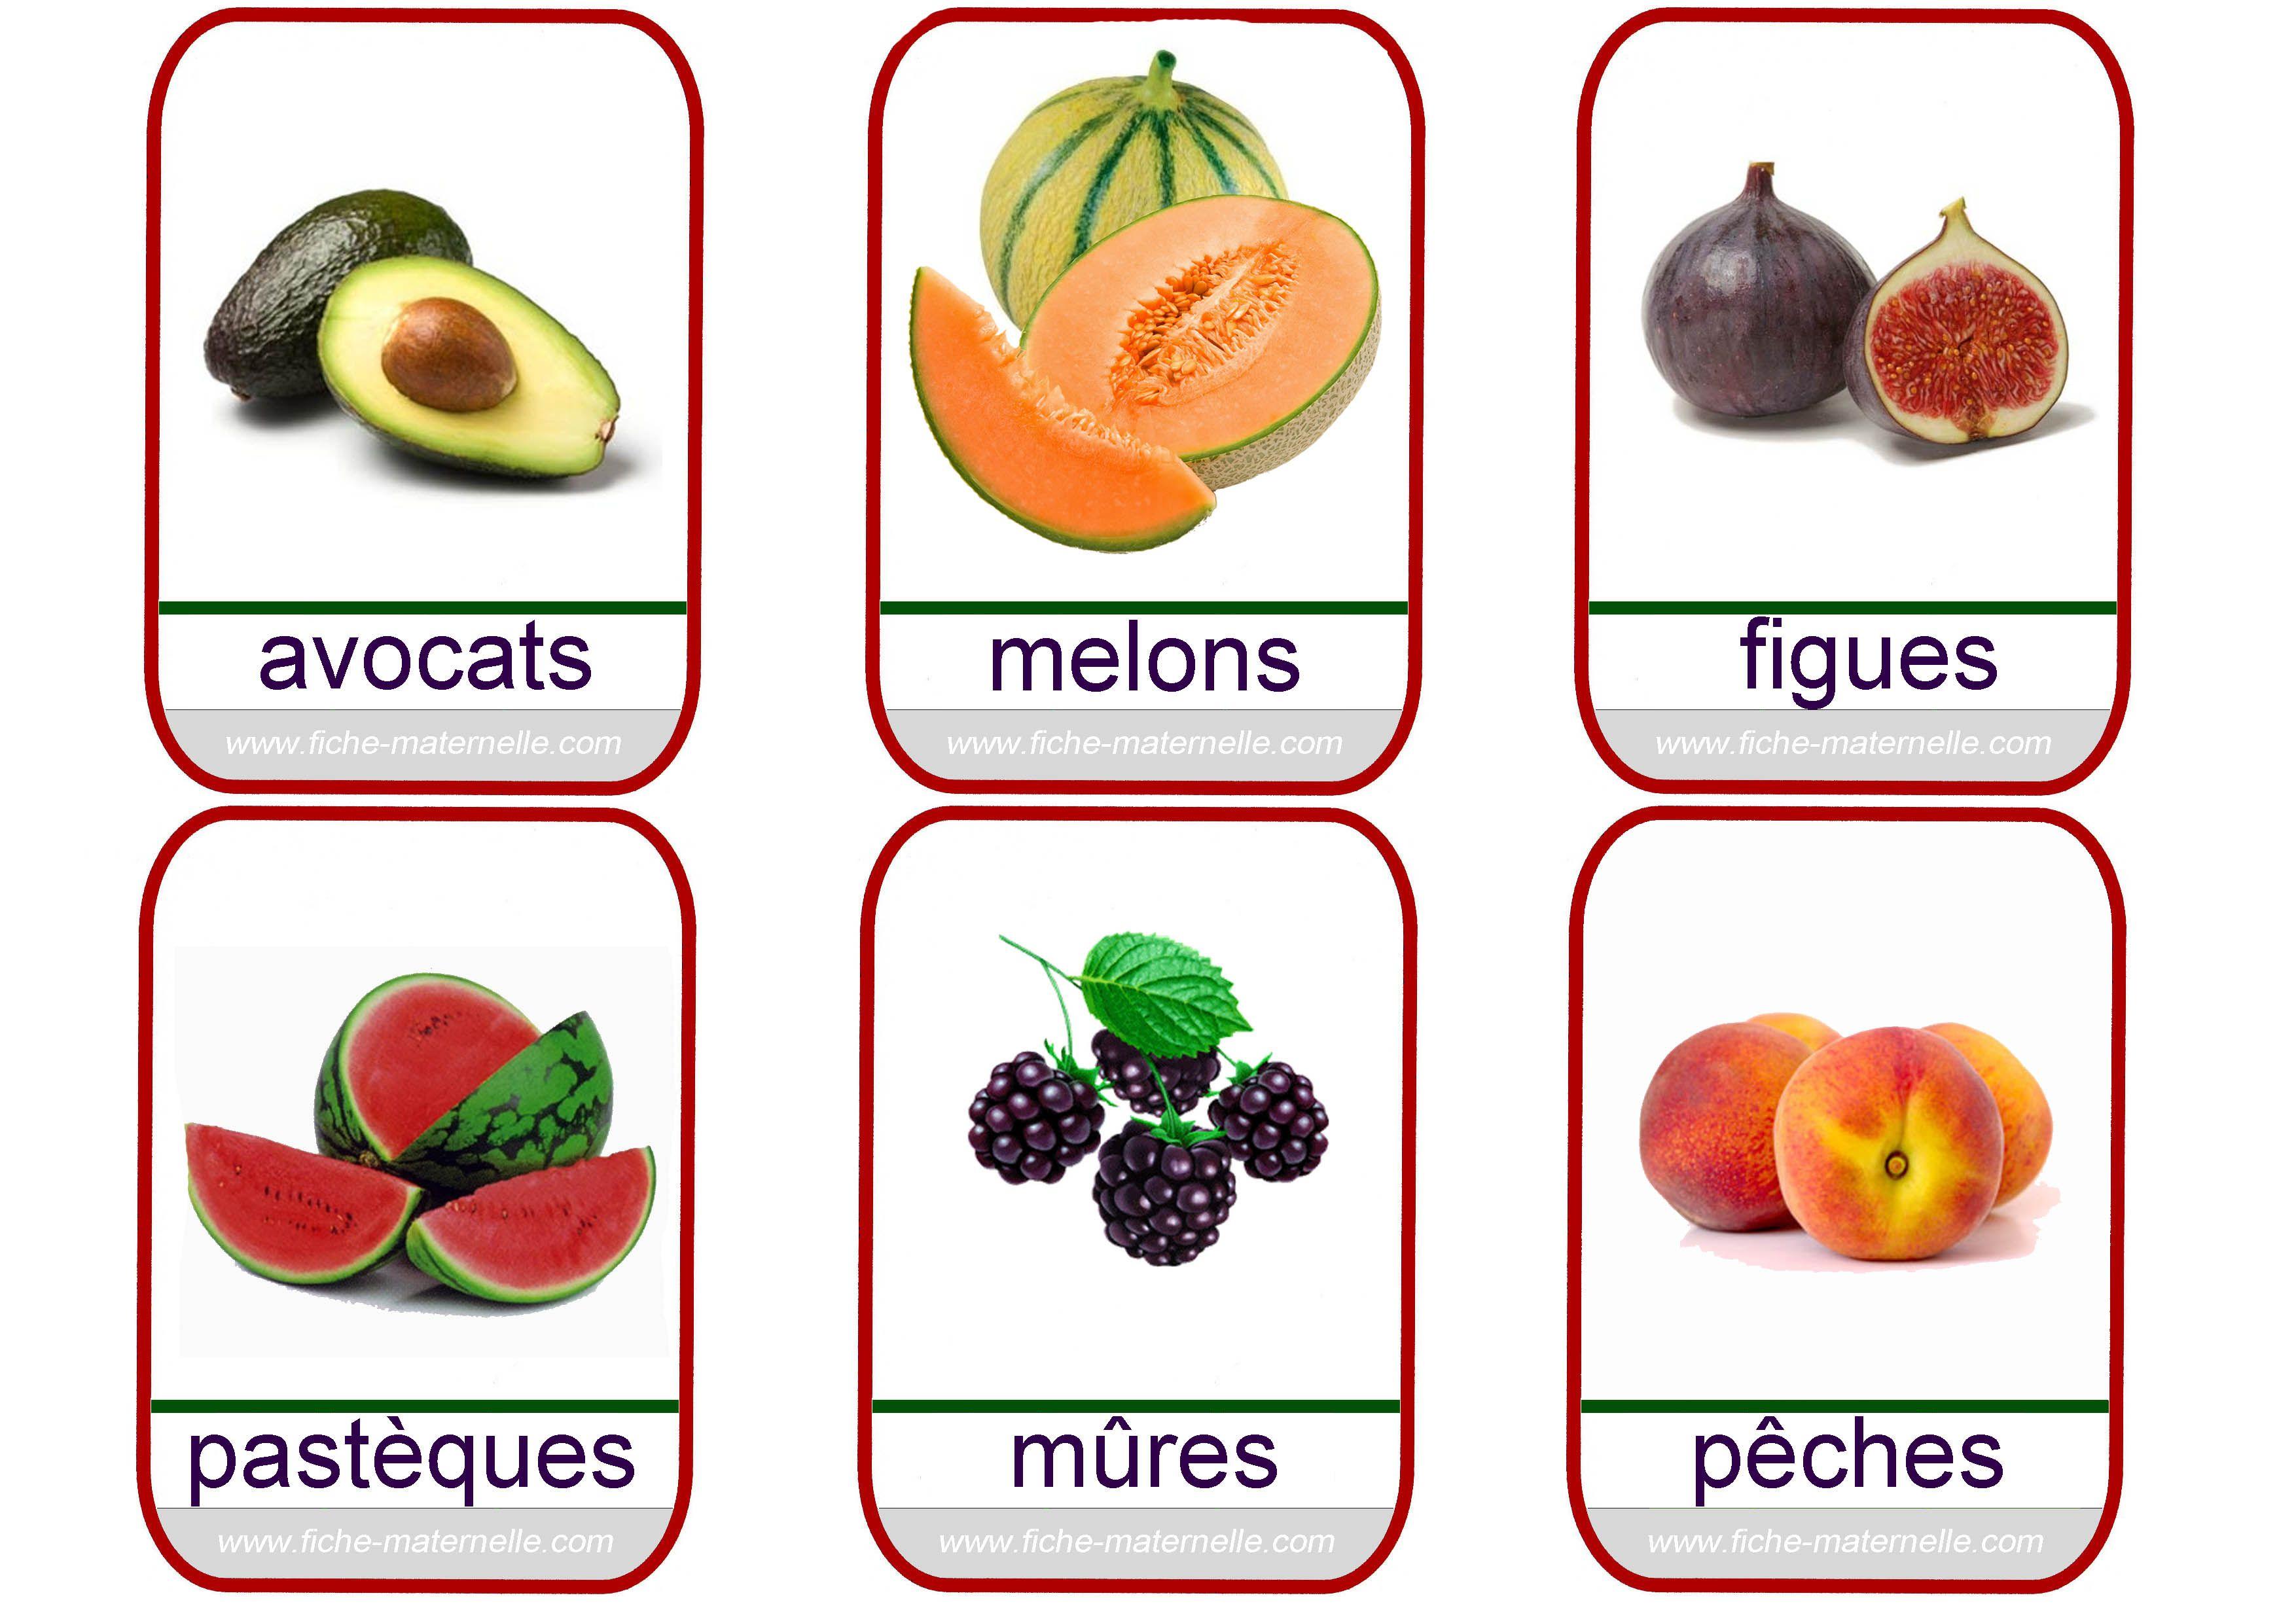 Imagier | Images fruits et légumes, Imagier et Fruit